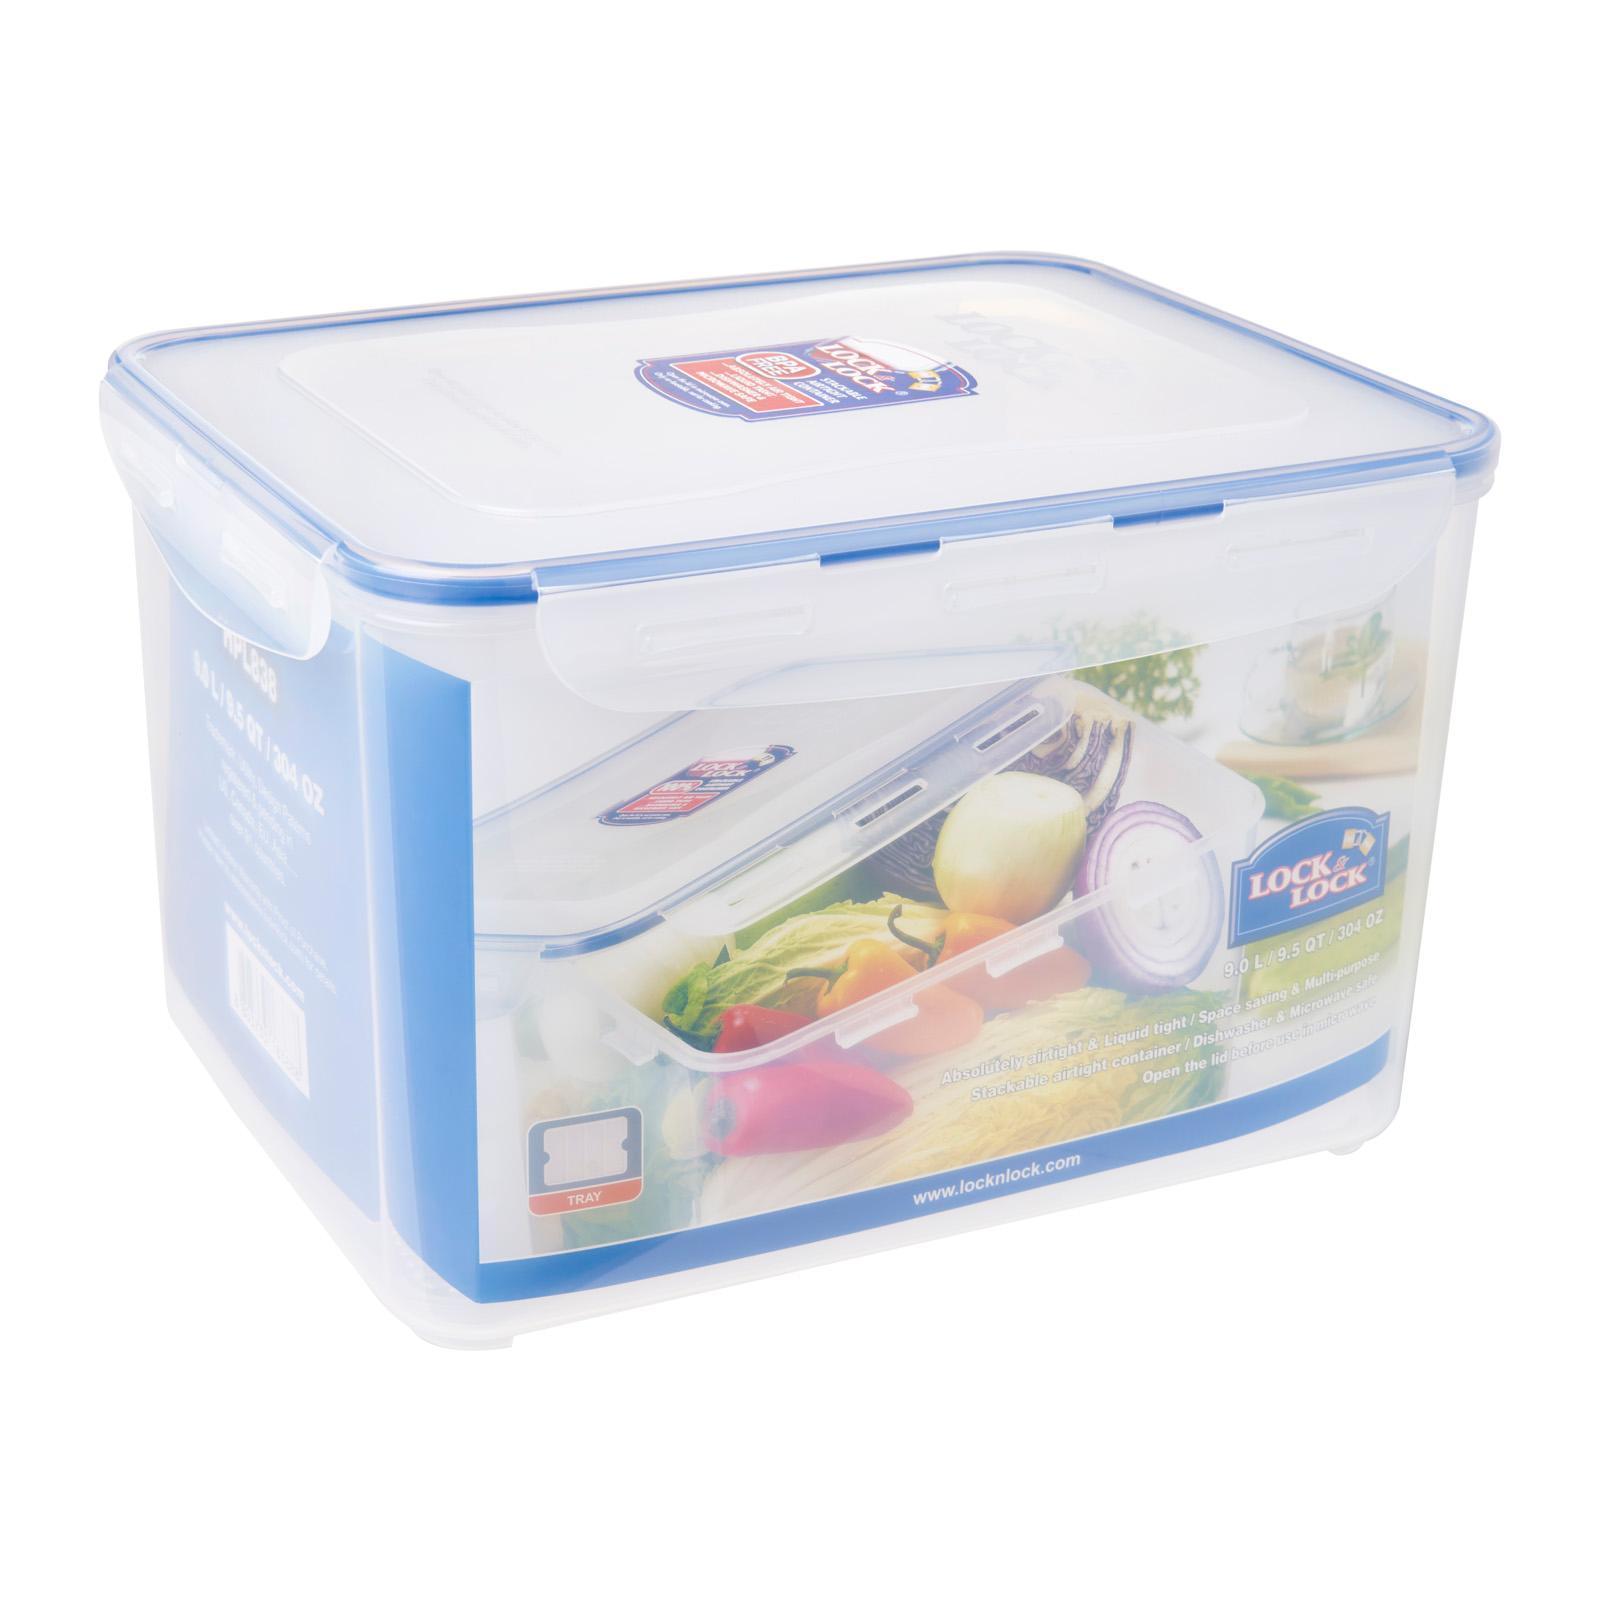 Lock & Lock Rectangular Classic Food Container 3.9L